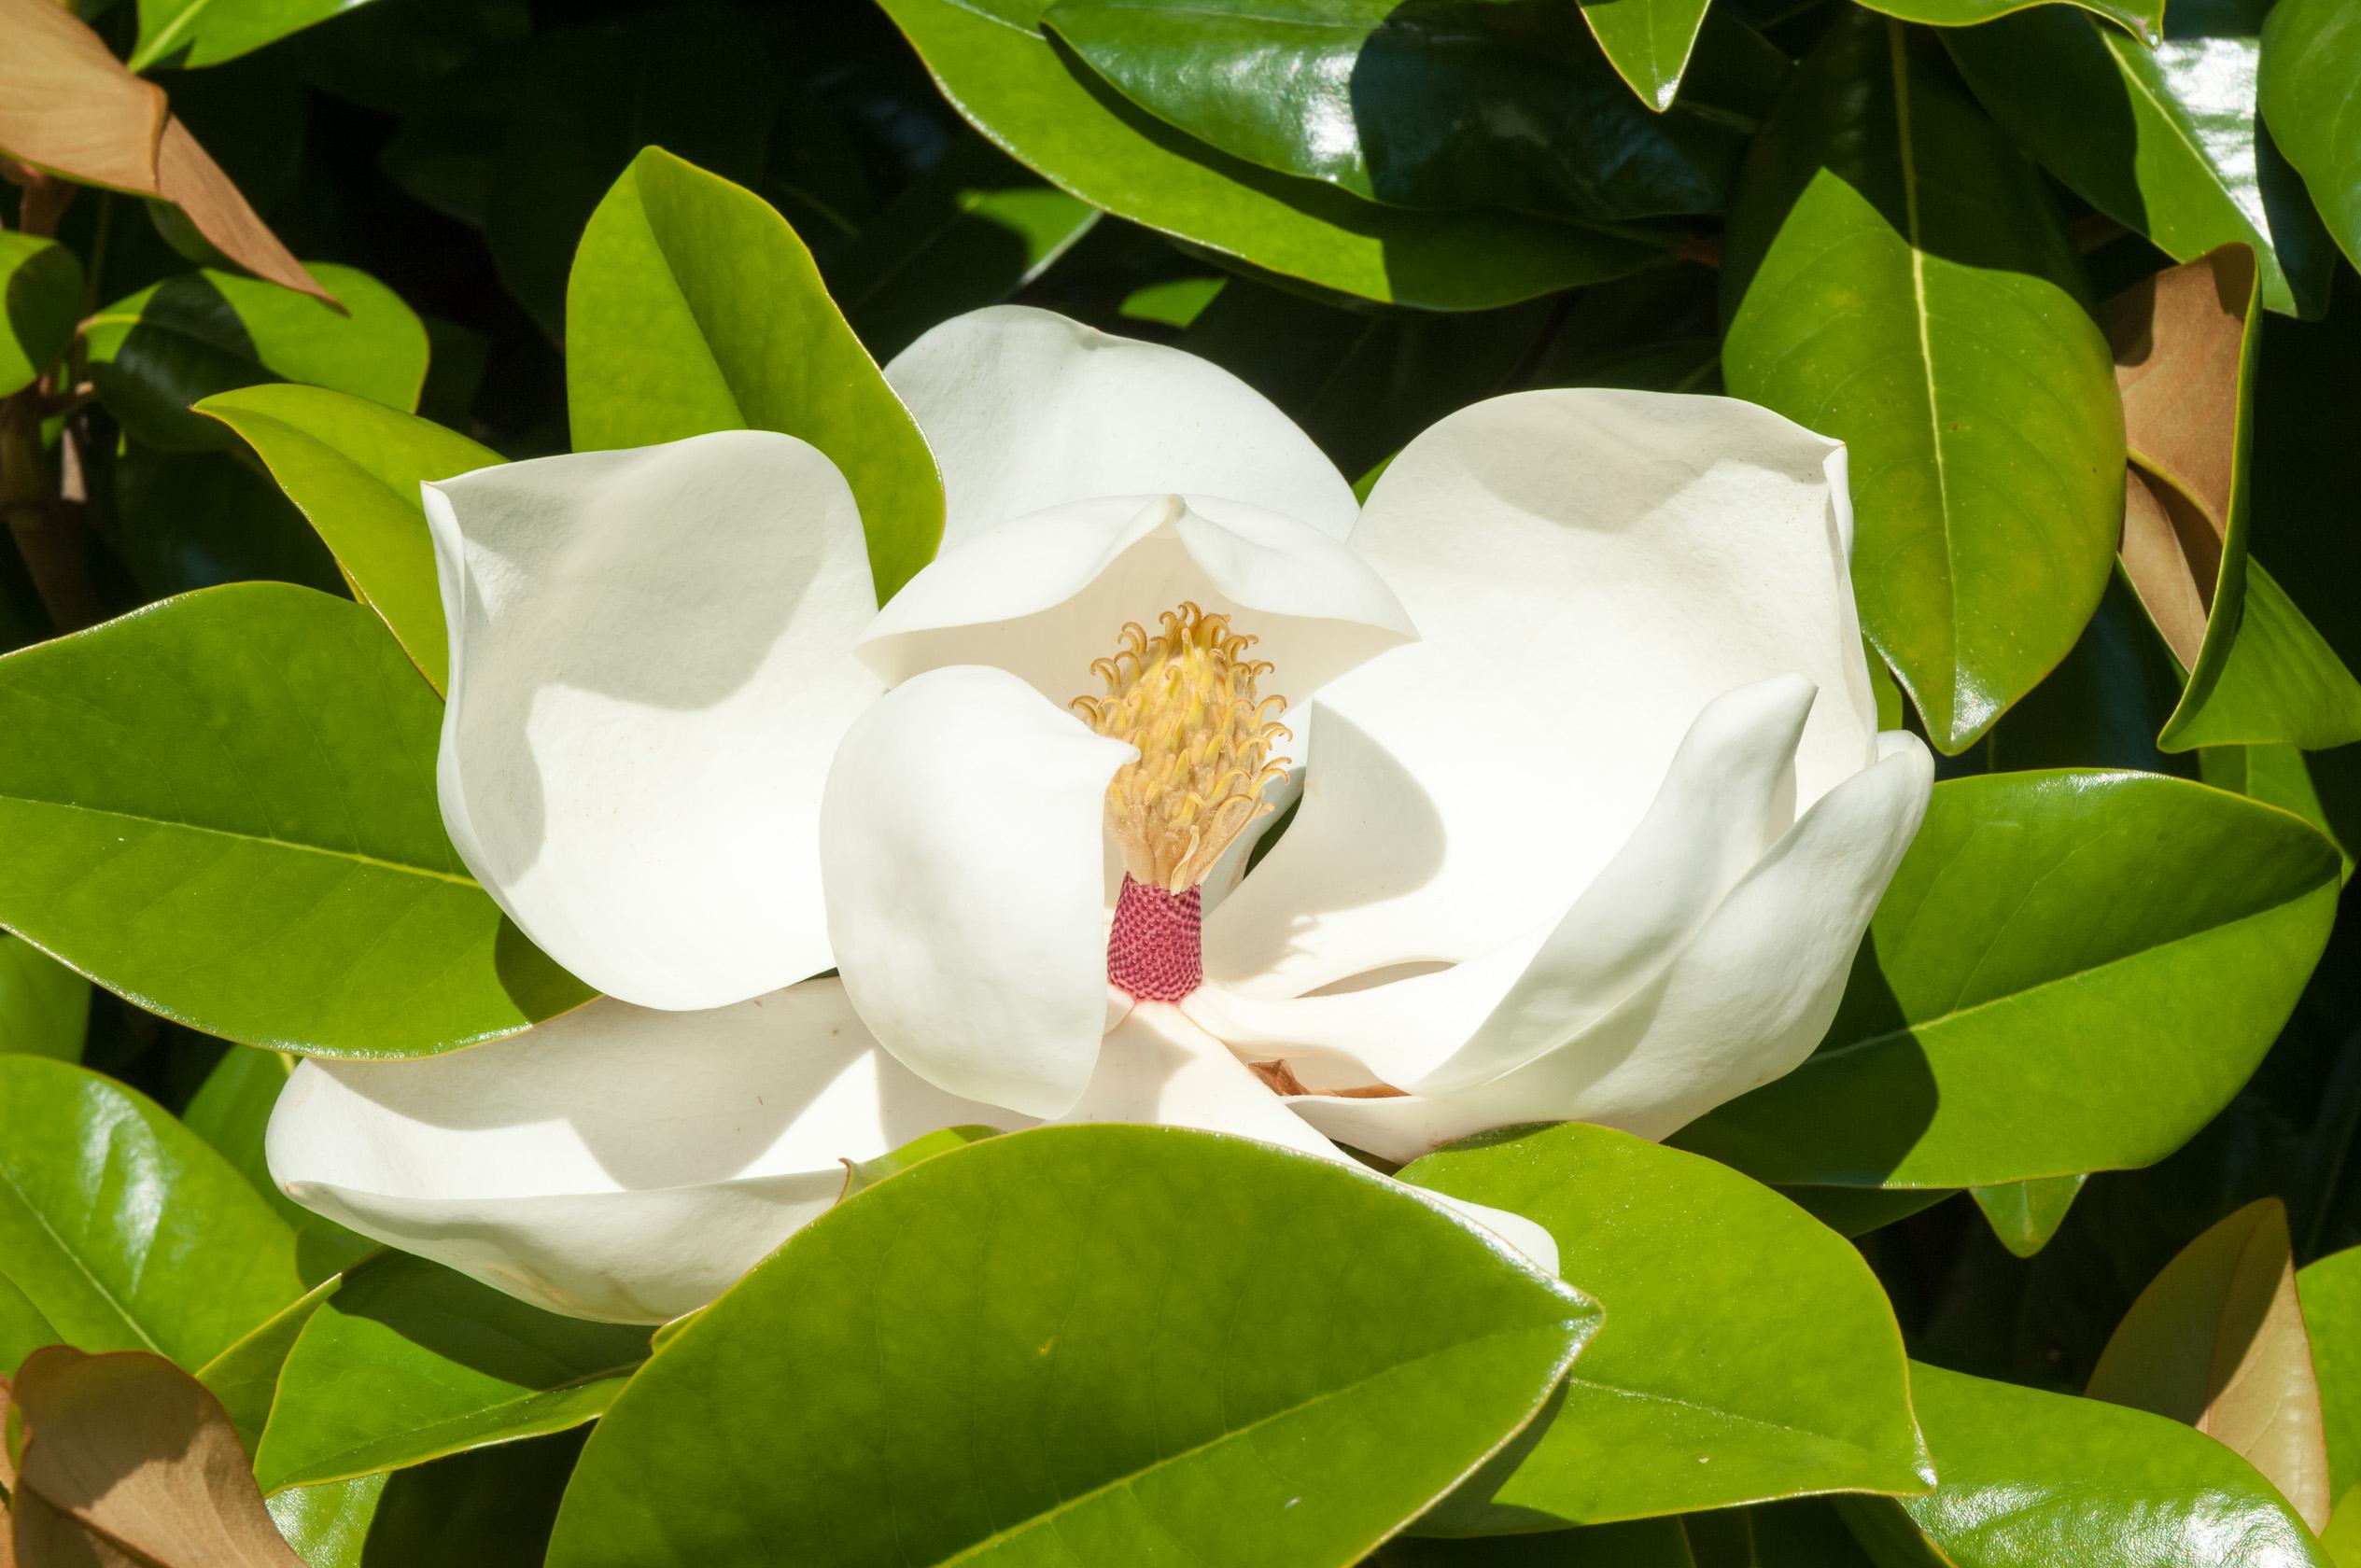 Magnolia - Arbre, Arbuste & Conifère - Jardin - Jardiland encequiconcerne Arche Jardin Jardiland